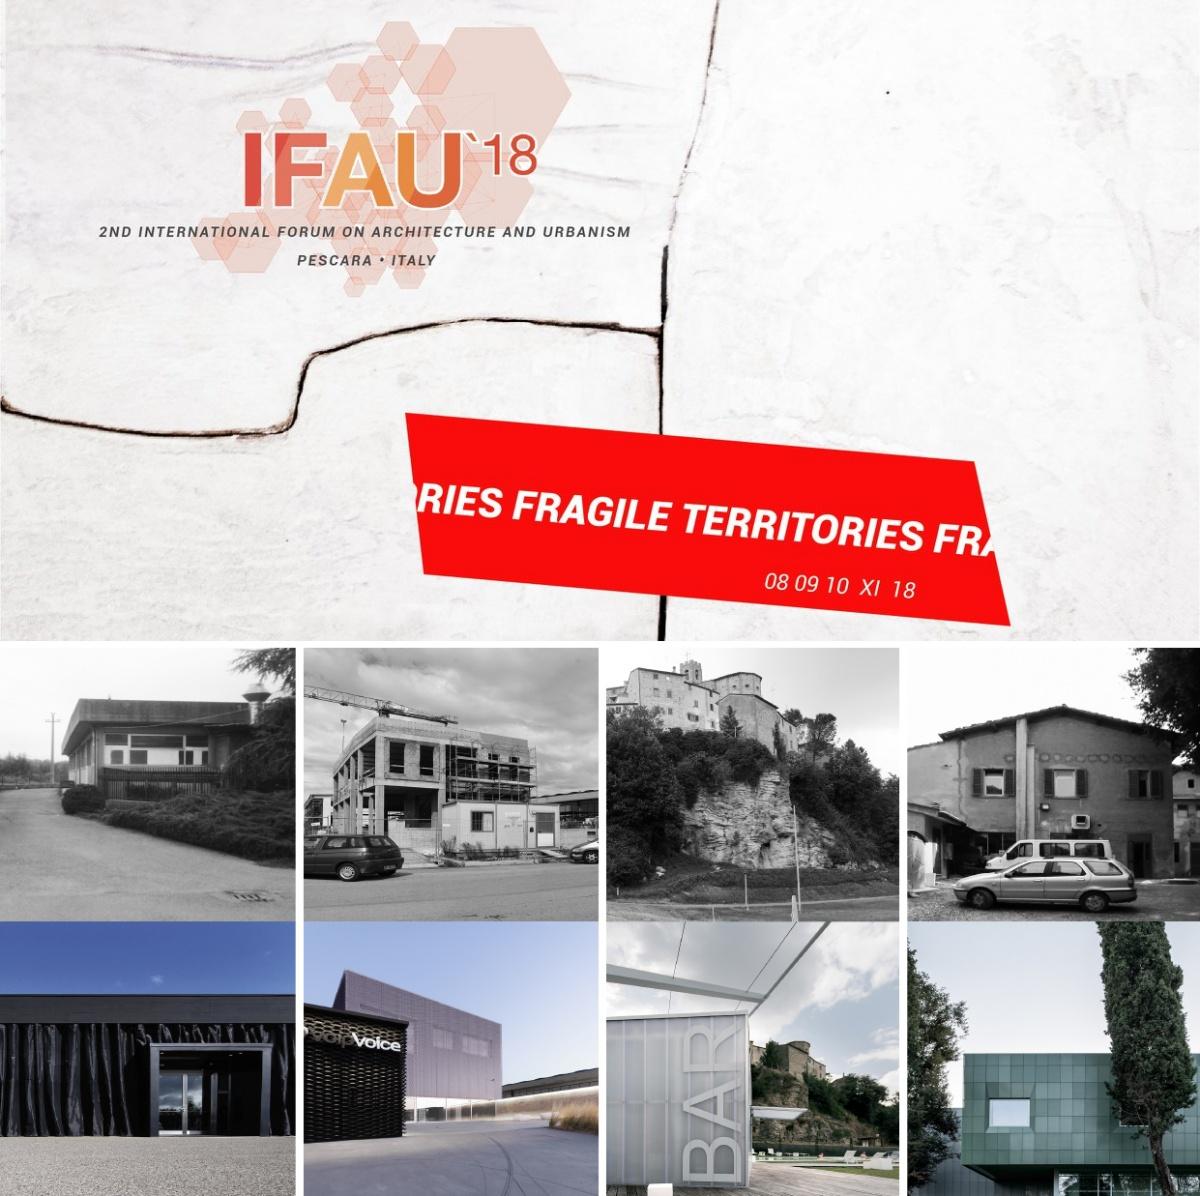 ifau territori fragili pescara forum internazionale architettura ambiente paolo posarelli